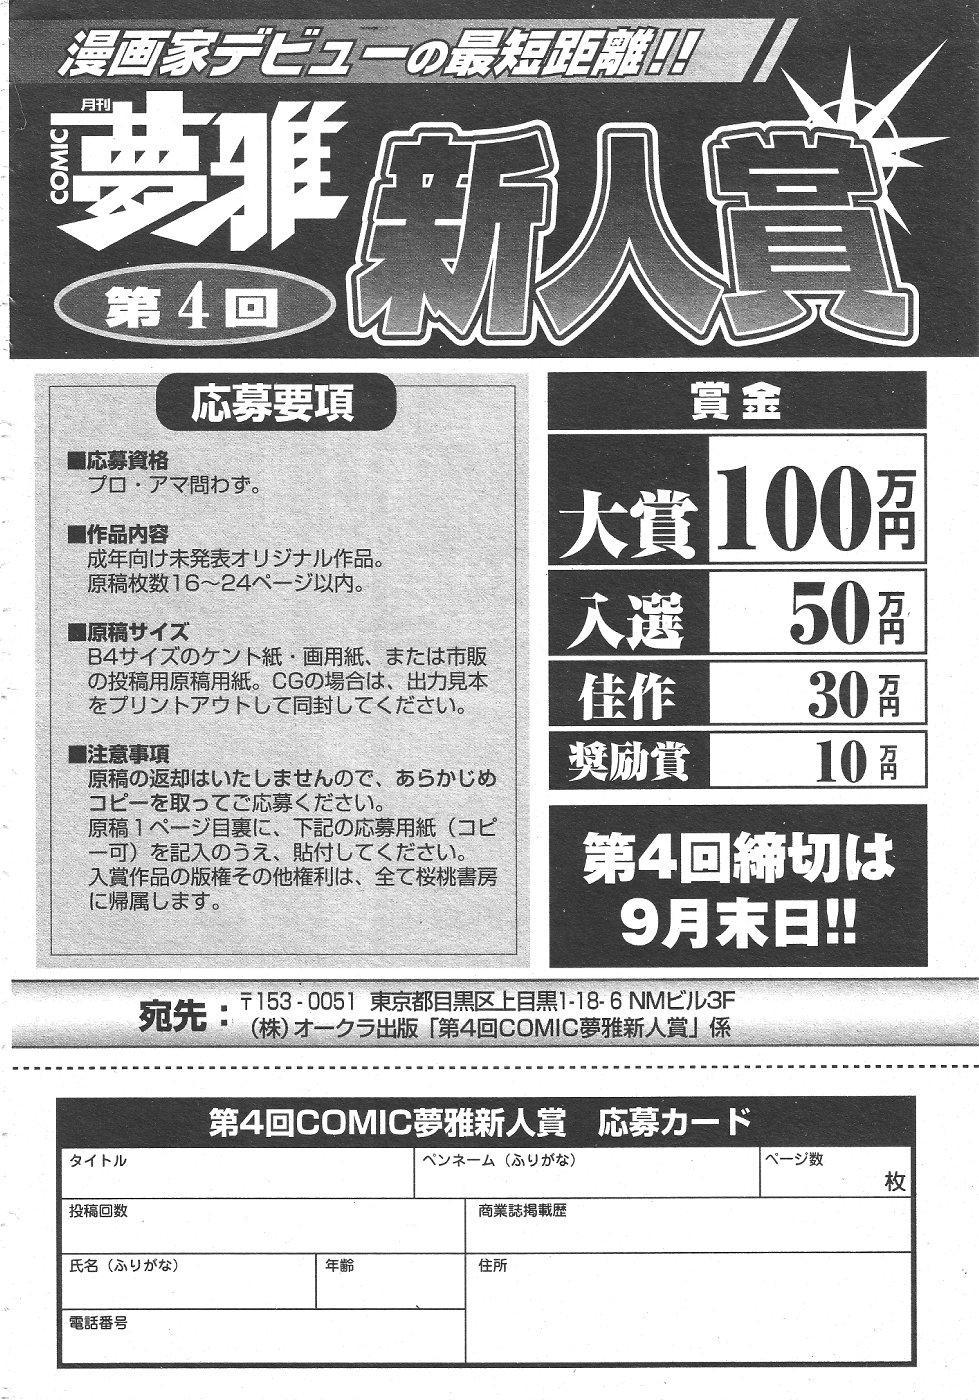 Gekkan Comic Muga 2004-06 Vol.10 423